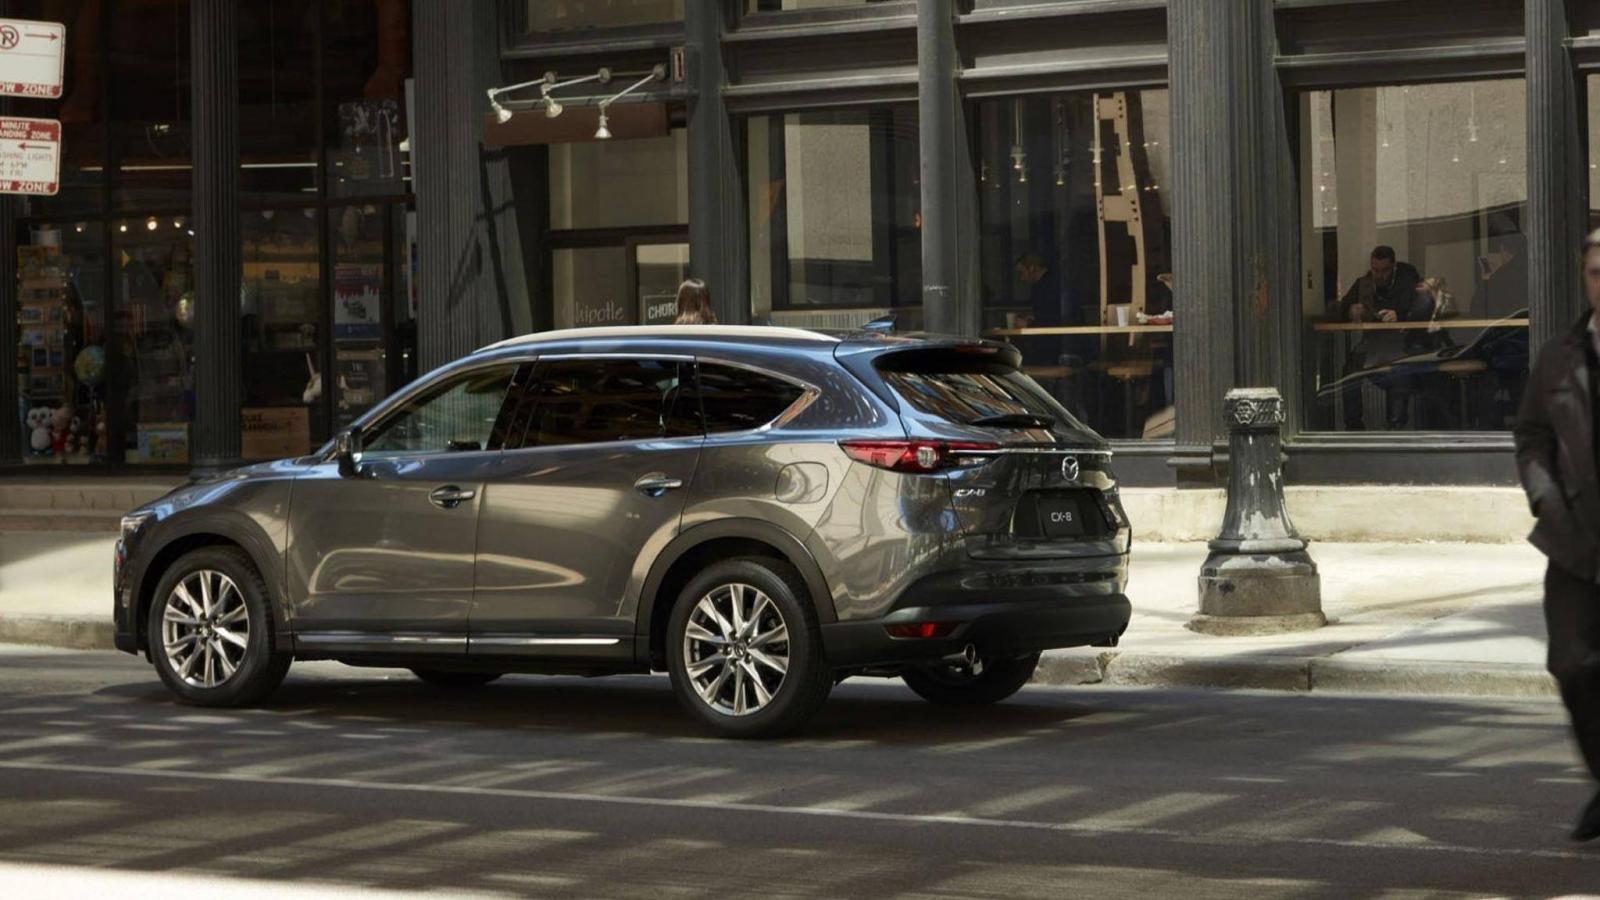 Chi tiết bảng giá sau ưu đãi của Mazda CX-8 2019 rò rỉ từ đại lý - Ảnh 1.